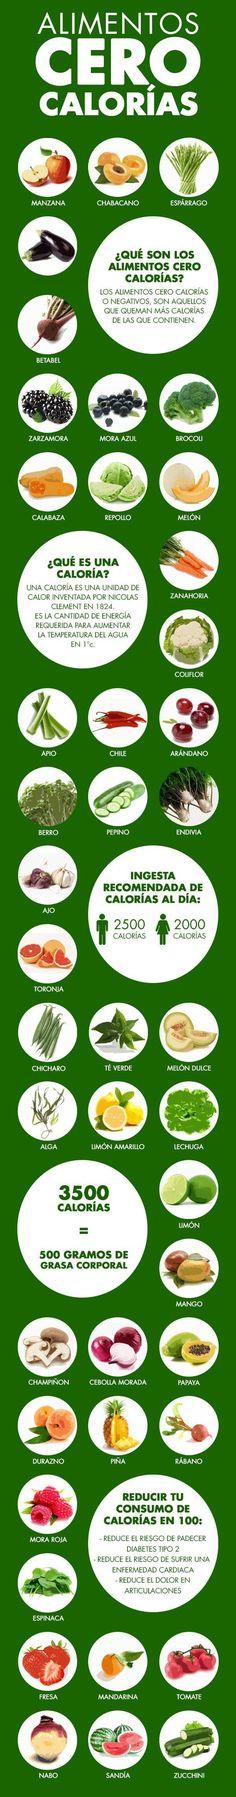 42 Alimentos que contienen cero calorías y te ayudan a adelgazar   Adelgazar - Bajar de Peso